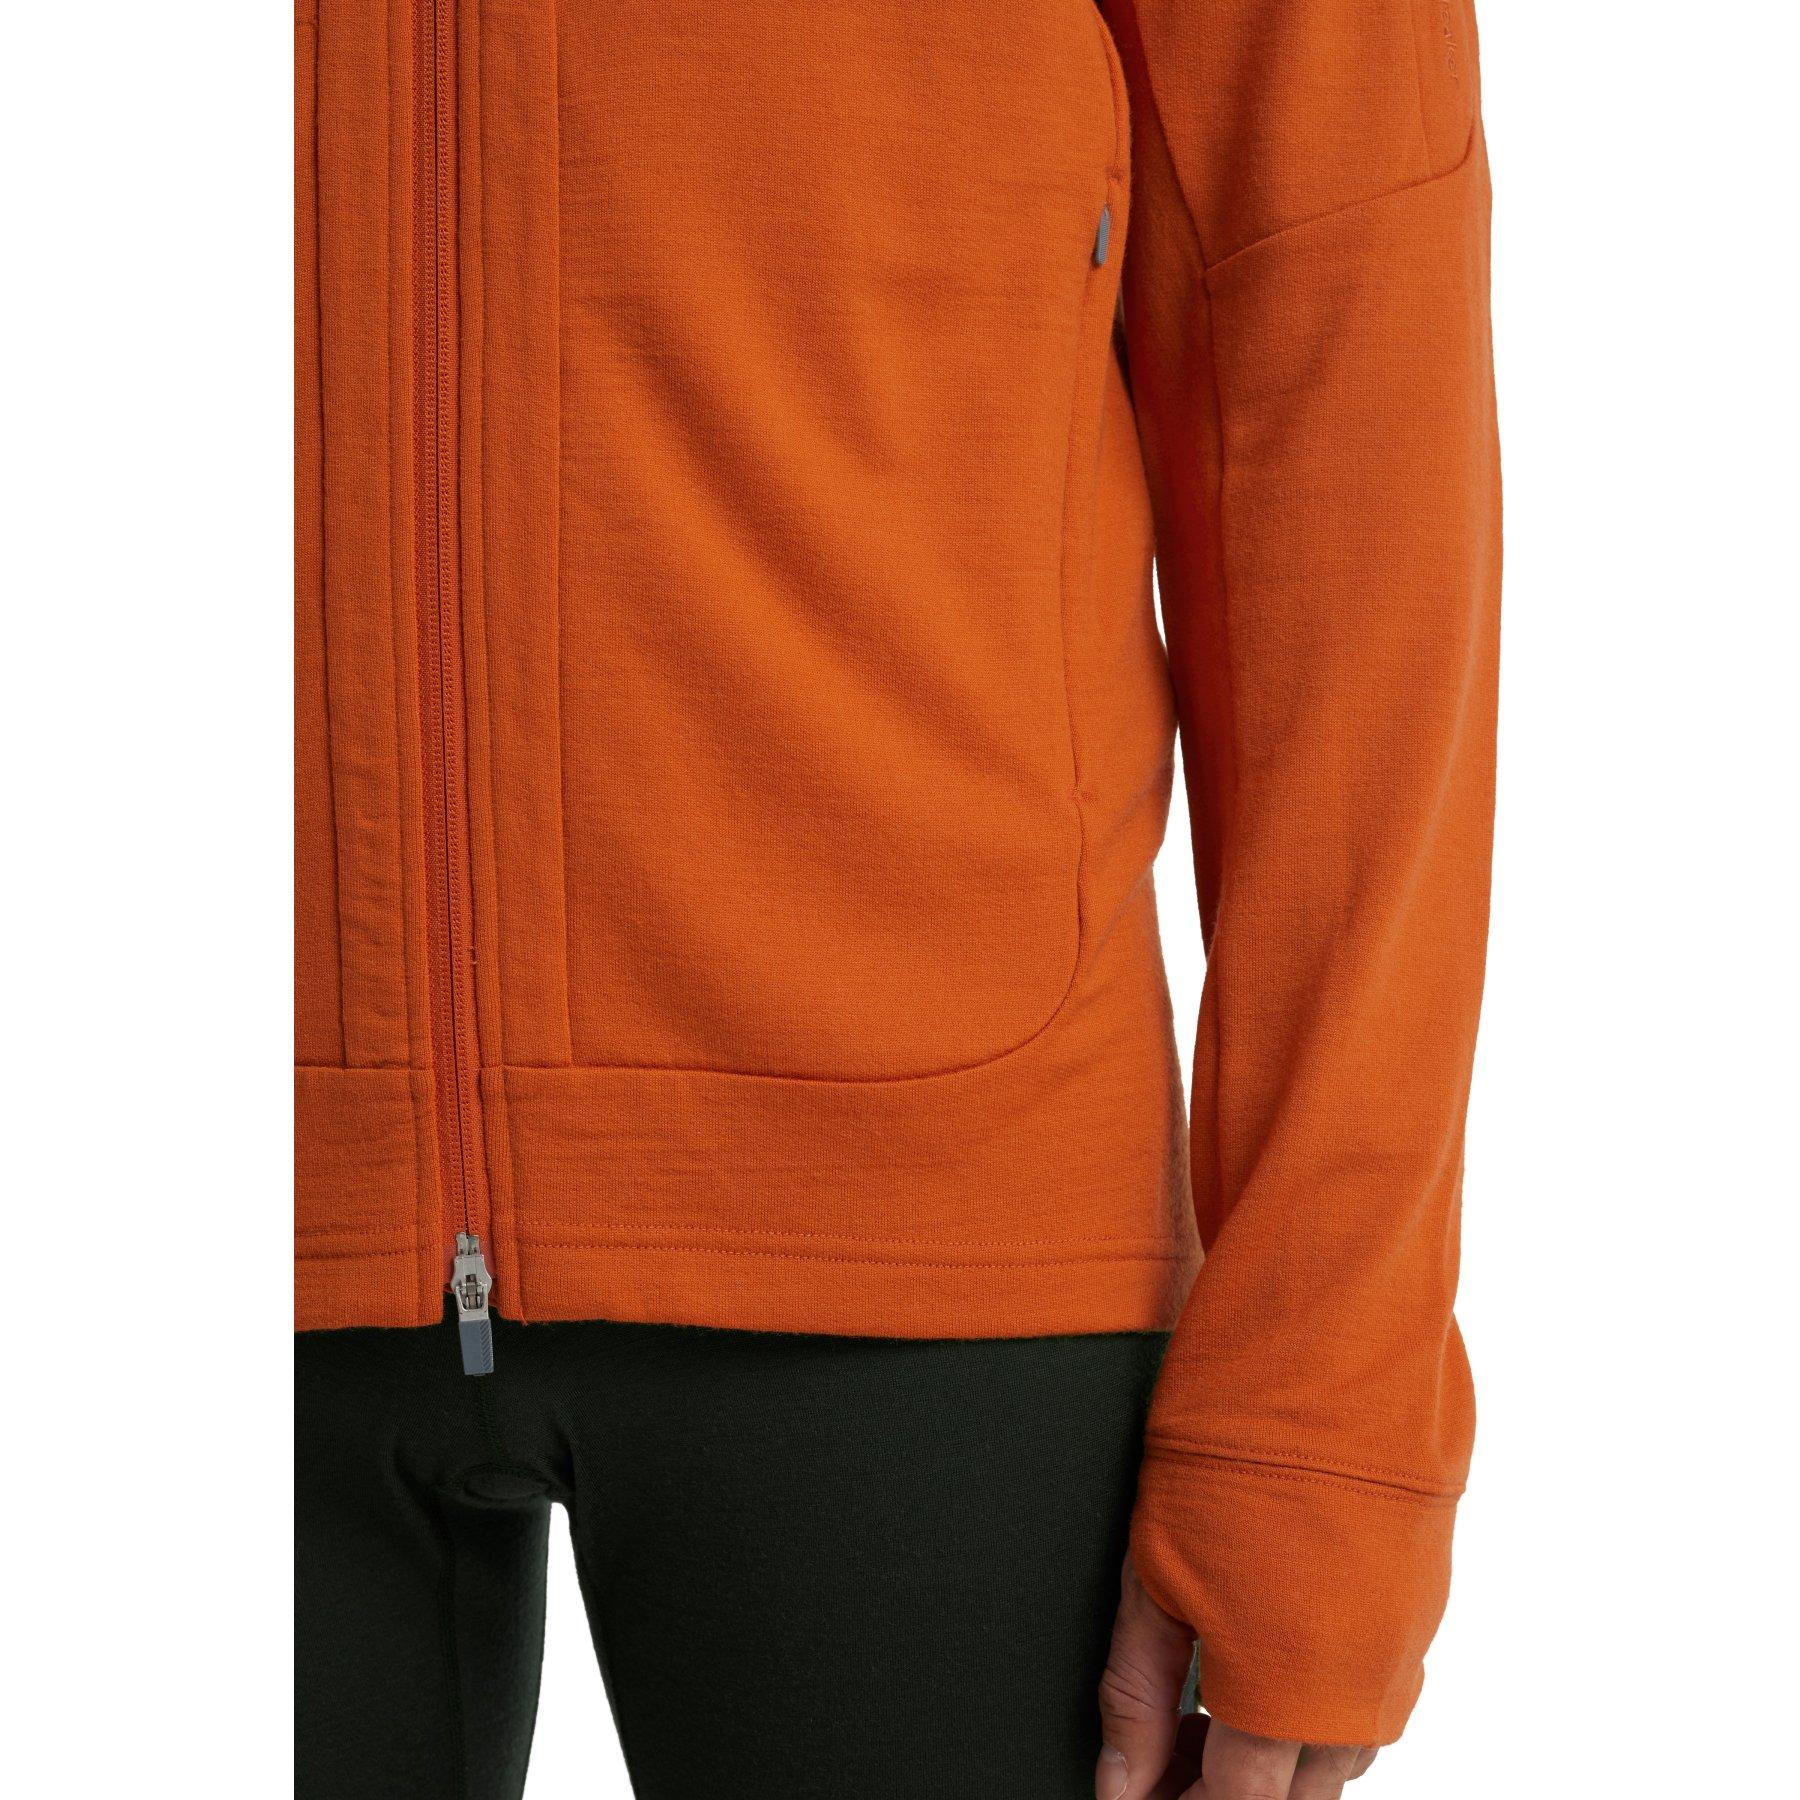 Bild von Icebreaker Quantum III Long Sleeve Zip Hood Herren Midlayer Jacke - Spice